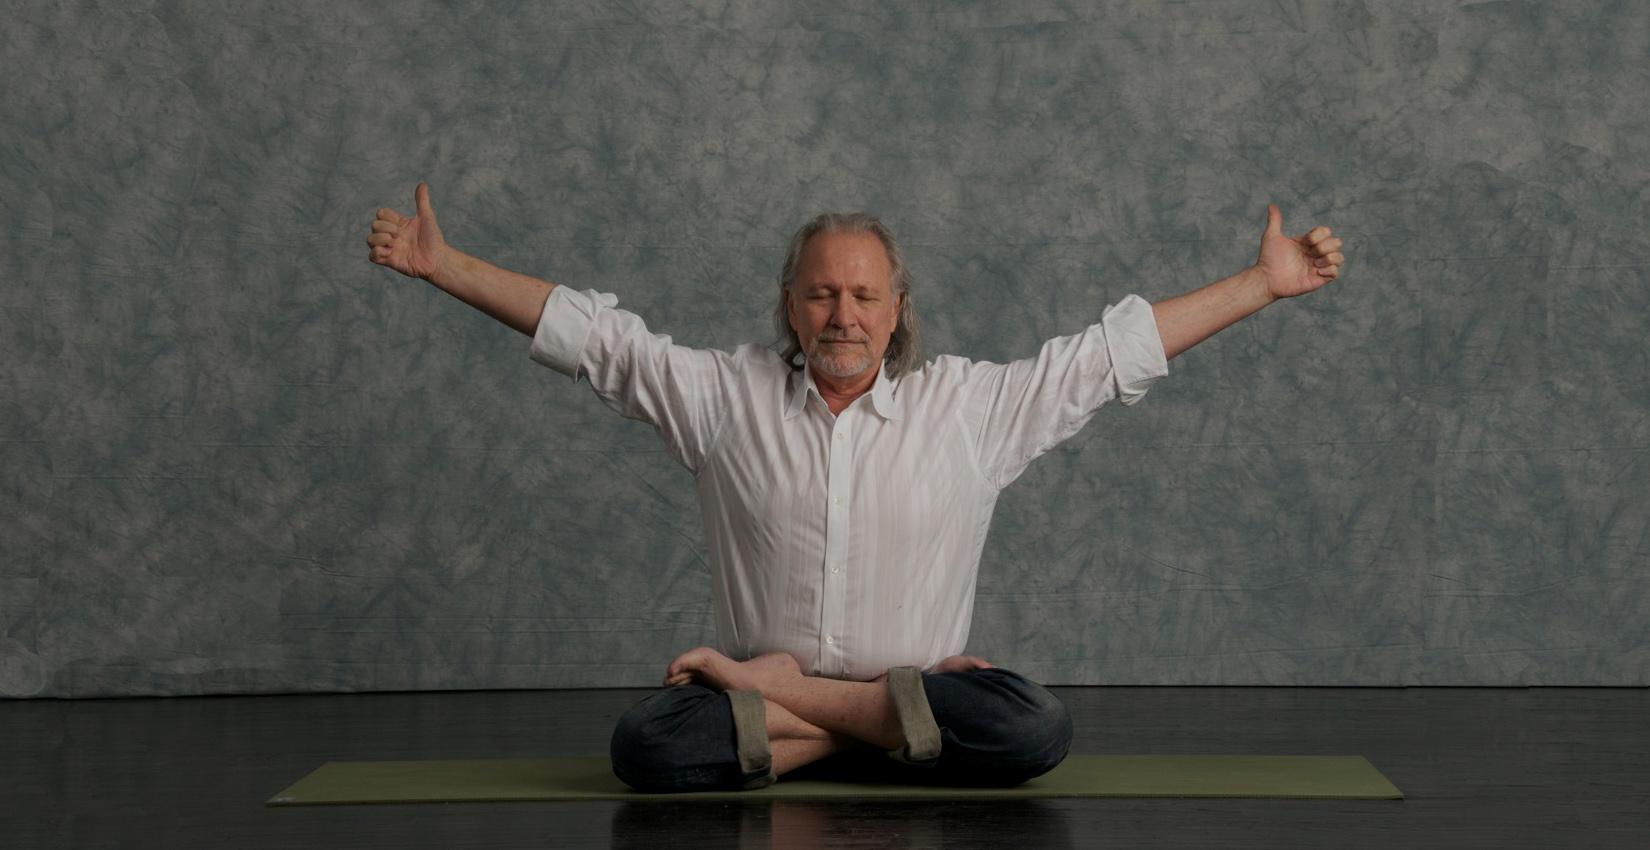 Learn yoga yourself